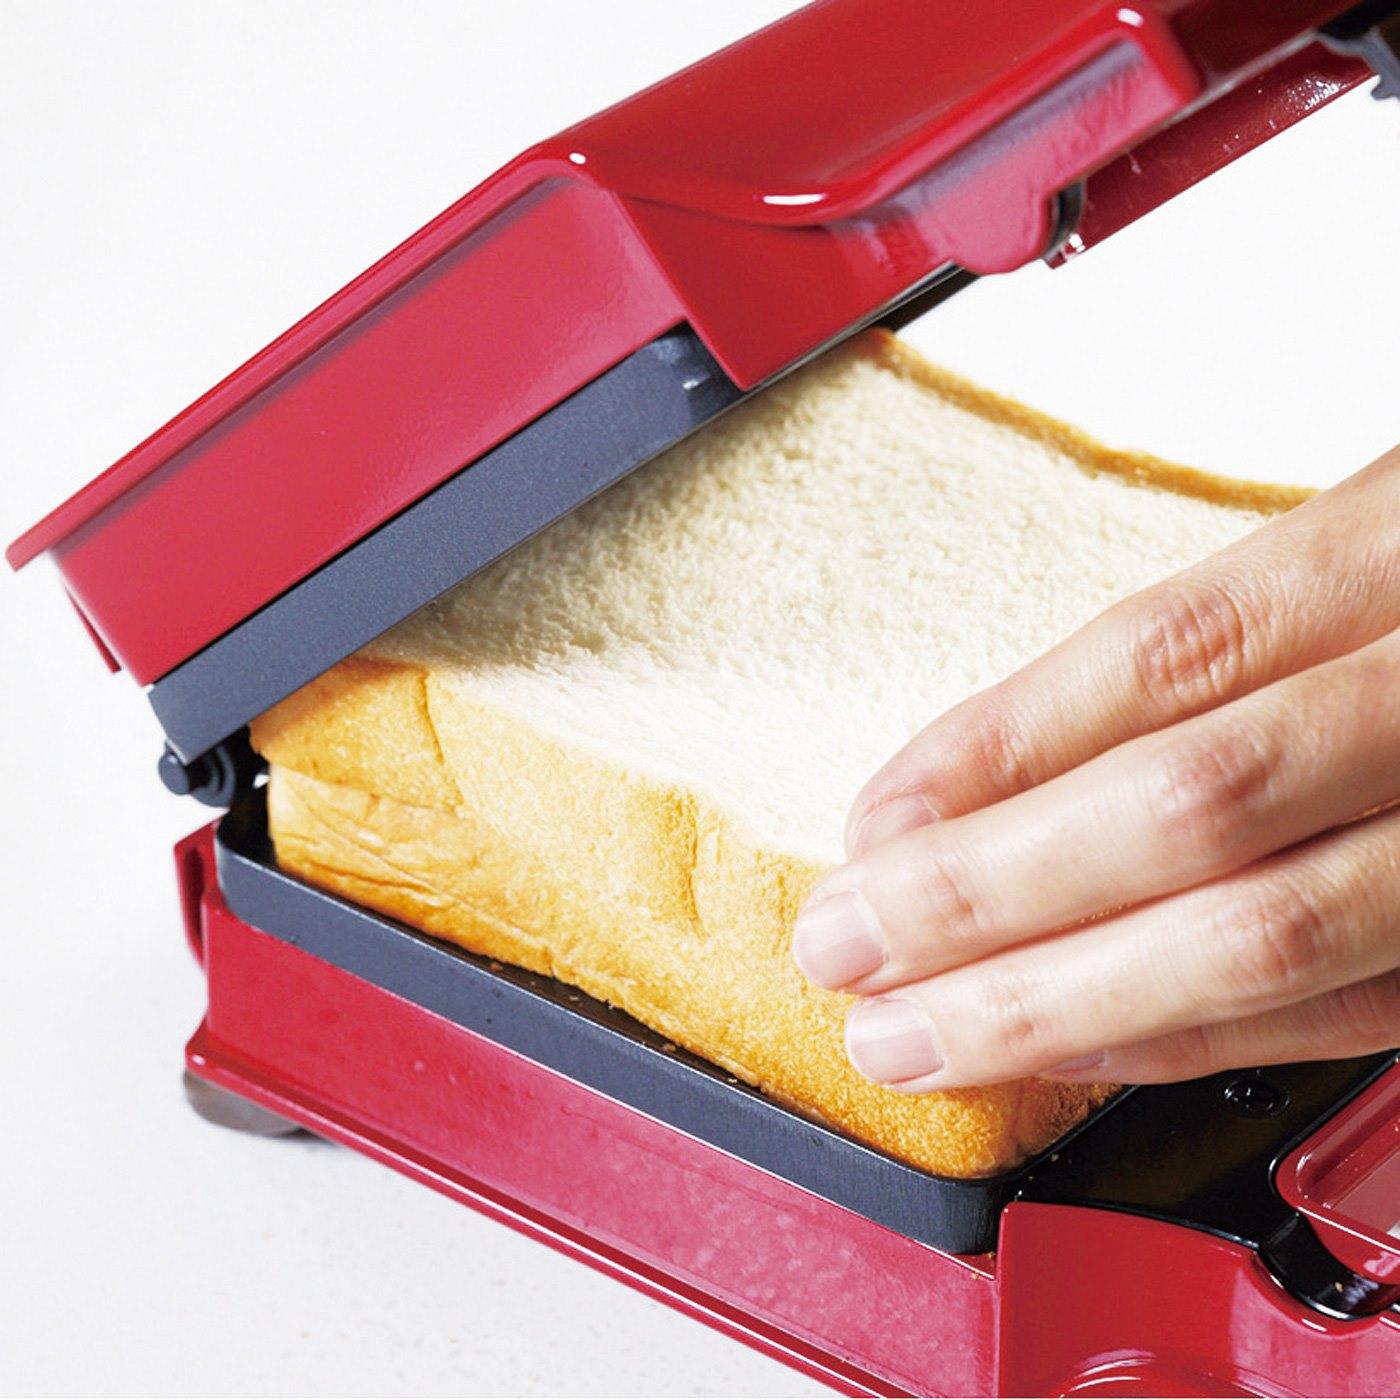 HOW TO COOK ②その上にもう一枚パンを重ねたら、ぎゅっとプレスして焼くだけ!